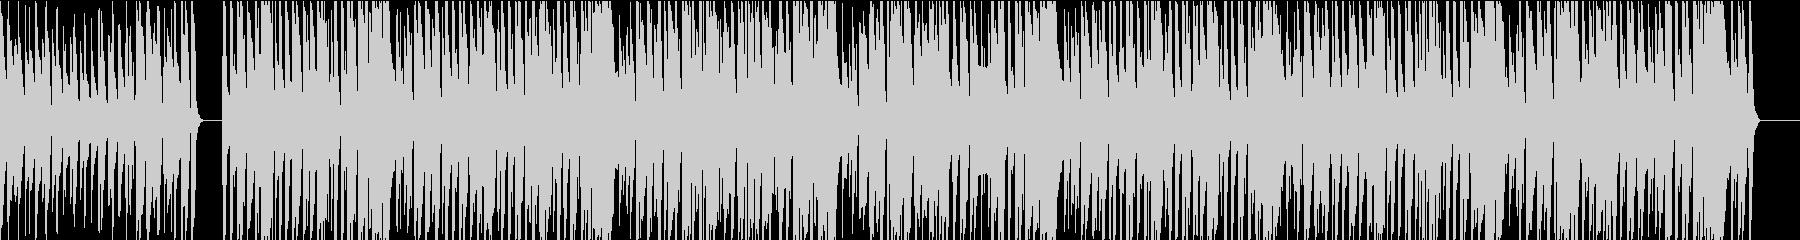 ガットギターによる懐かしいボサノヴァの未再生の波形